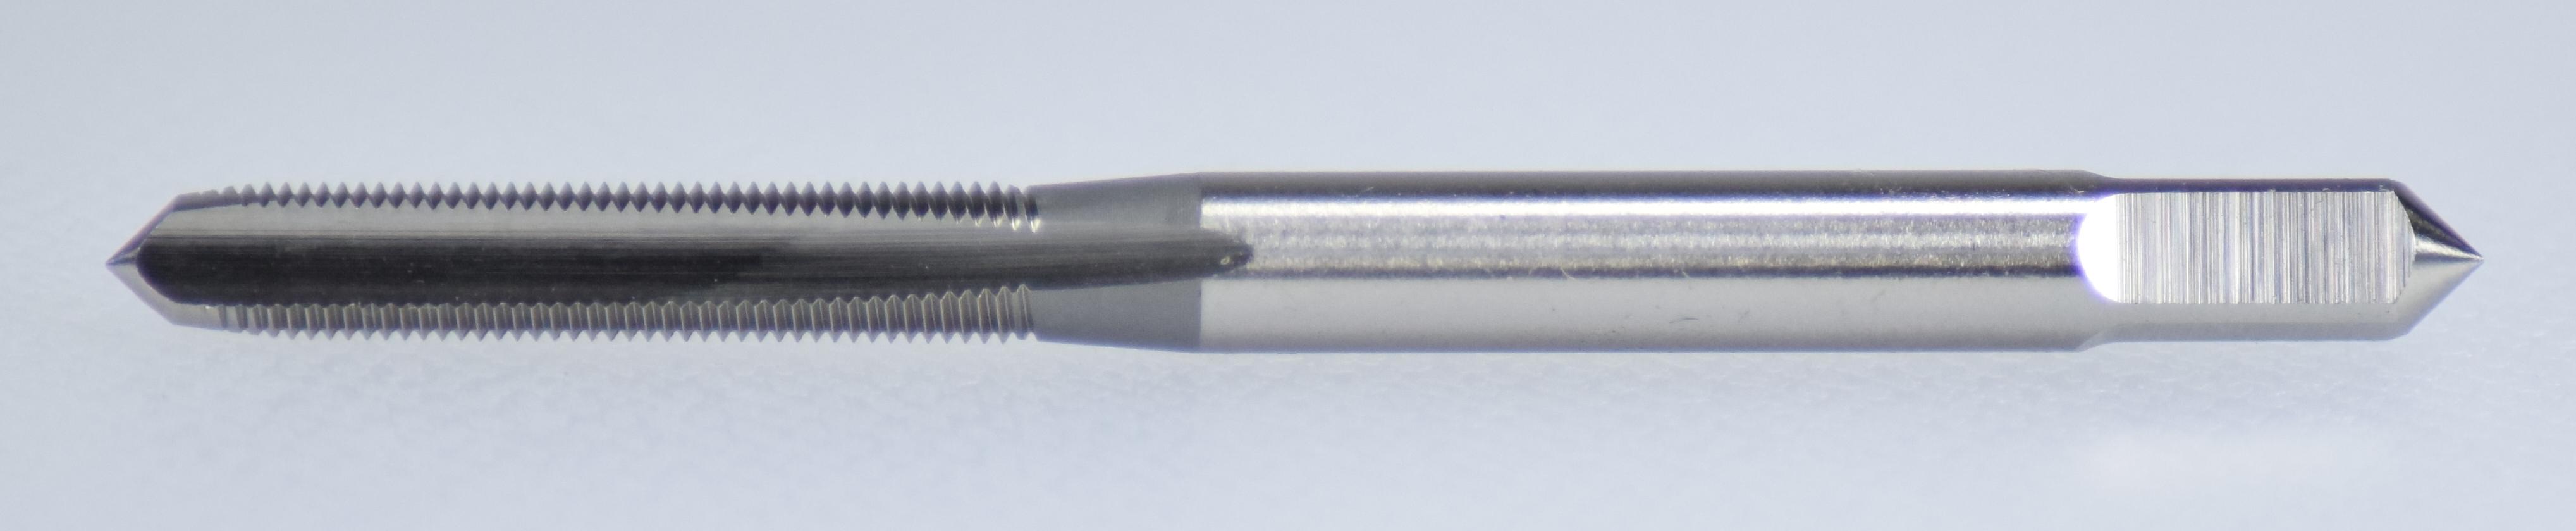 15医療機器メーカー CPM HT M3.5x0.4 3N